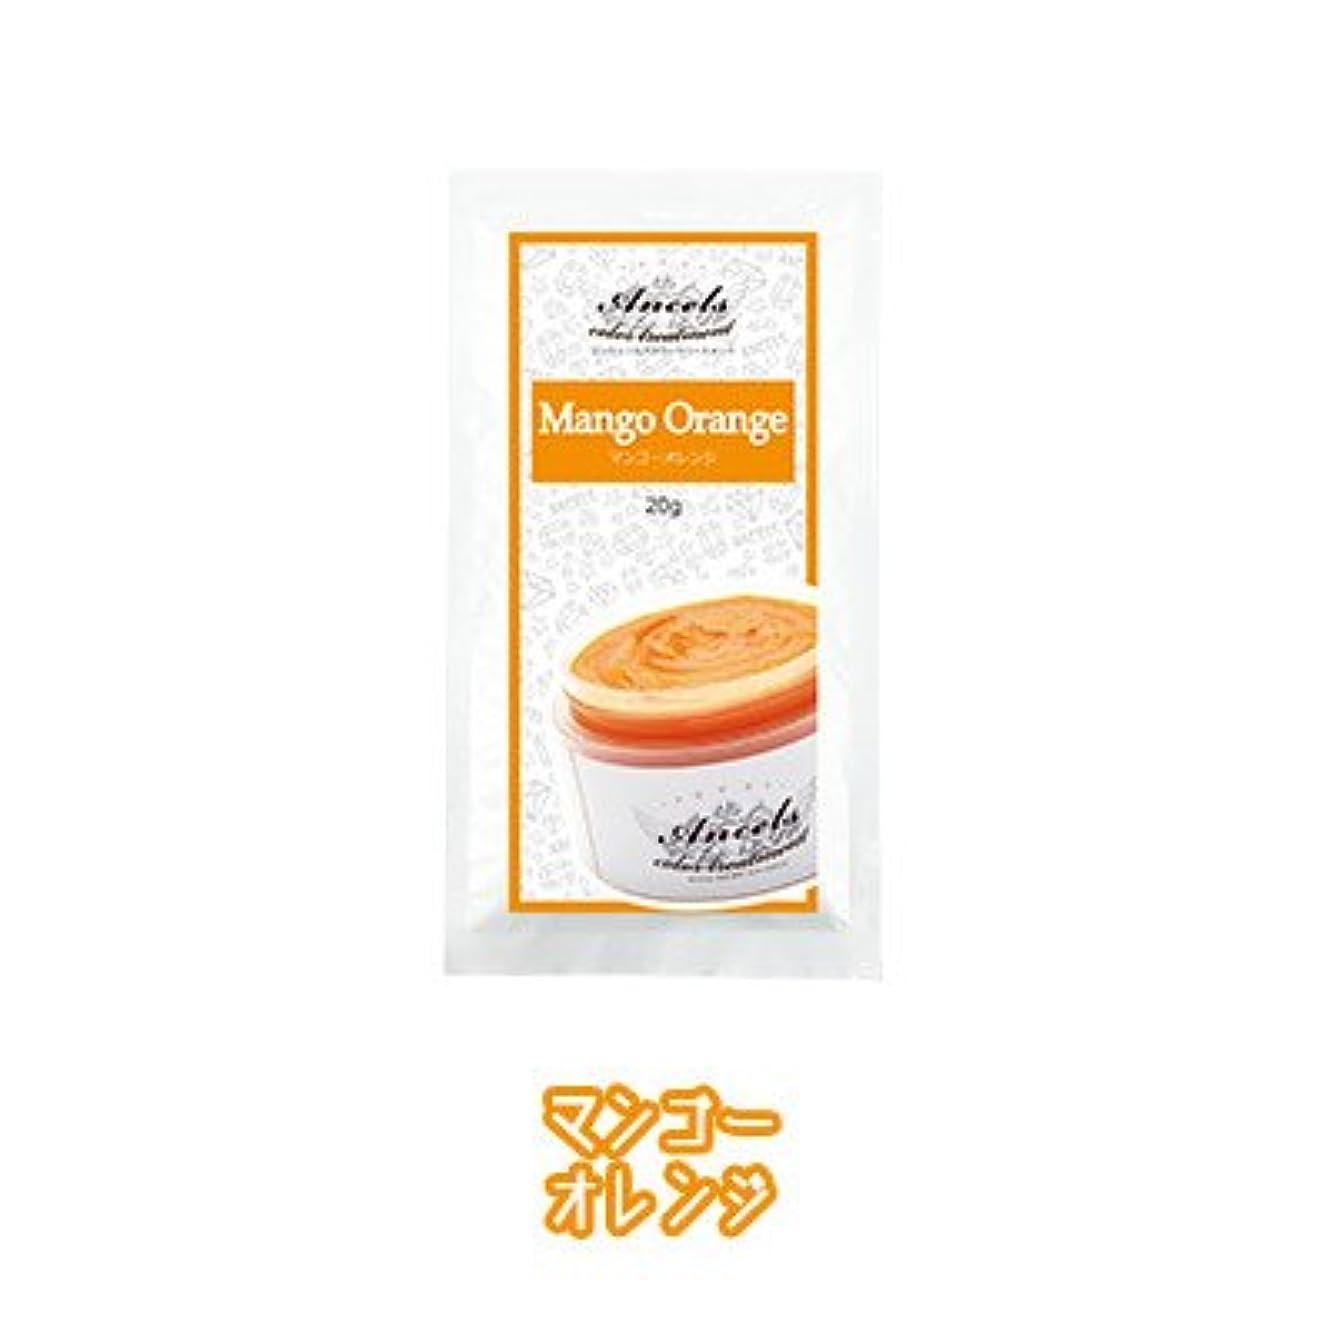 口頭授業料までエンシェールズ カラートリートメントバター プチ(お試しサイズ) マンゴーオレンジ 20g